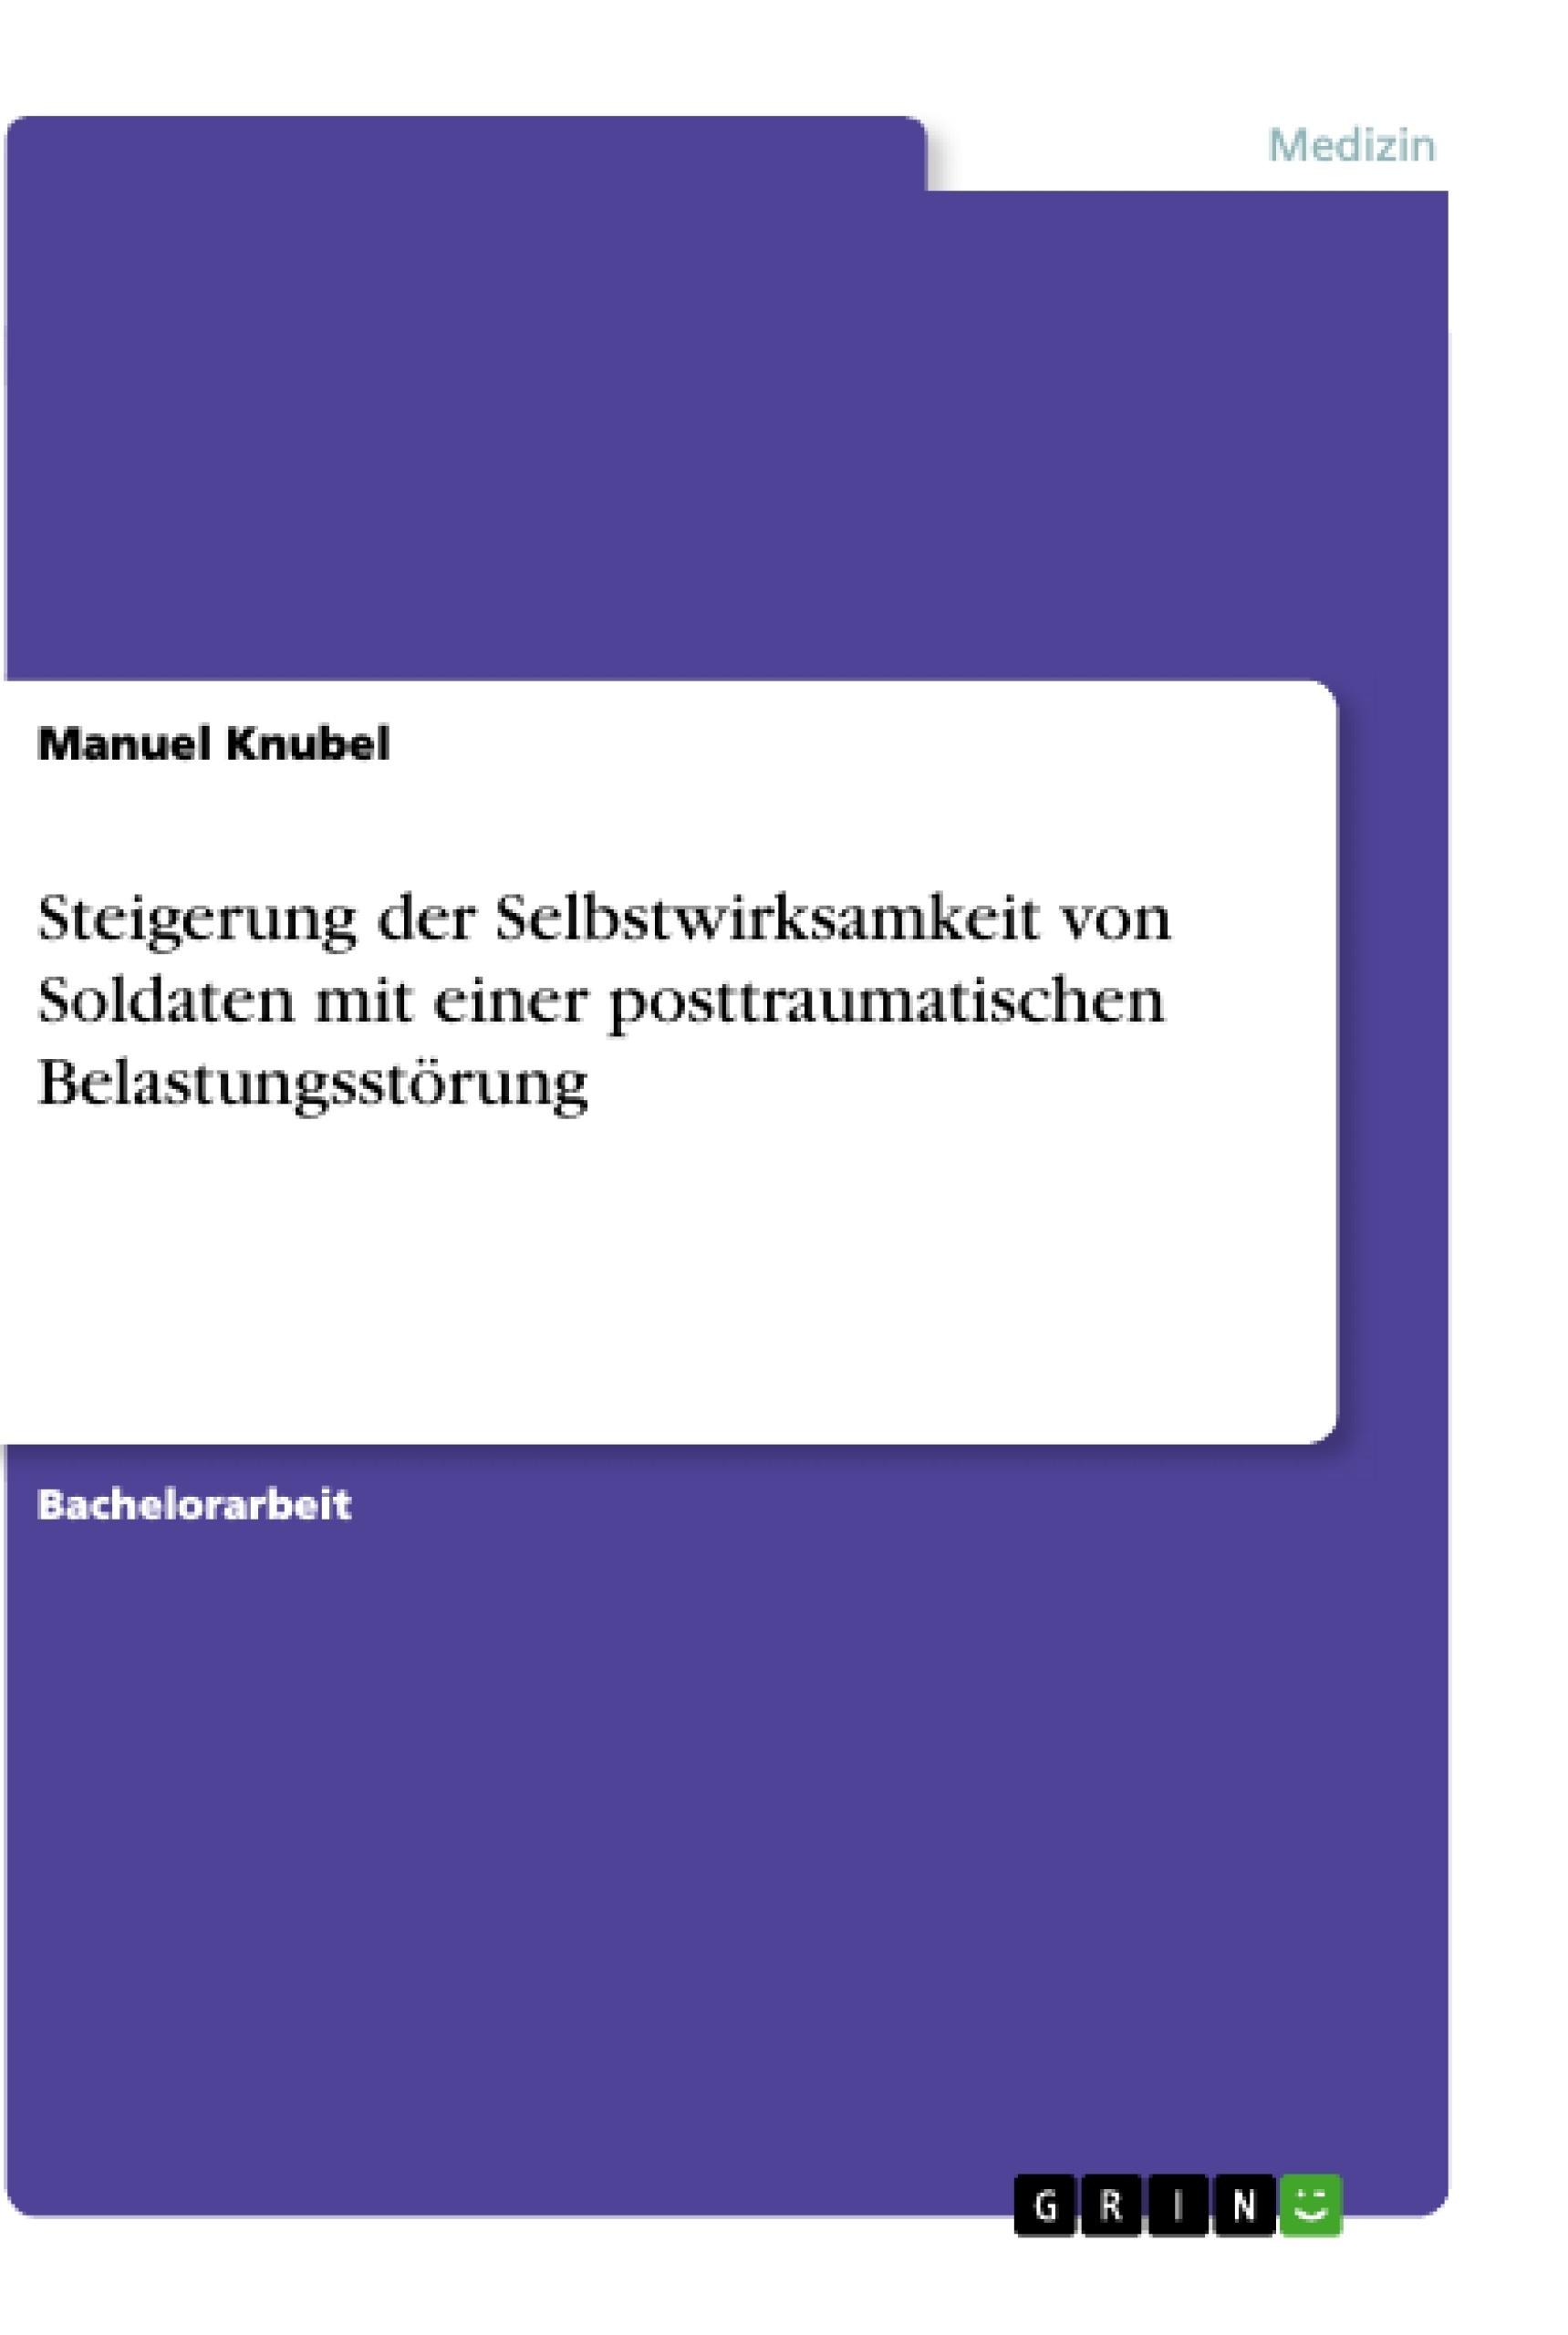 Titel: Steigerung der Selbstwirksamkeit von Soldaten mit einer posttraumatischen Belastungsstörung